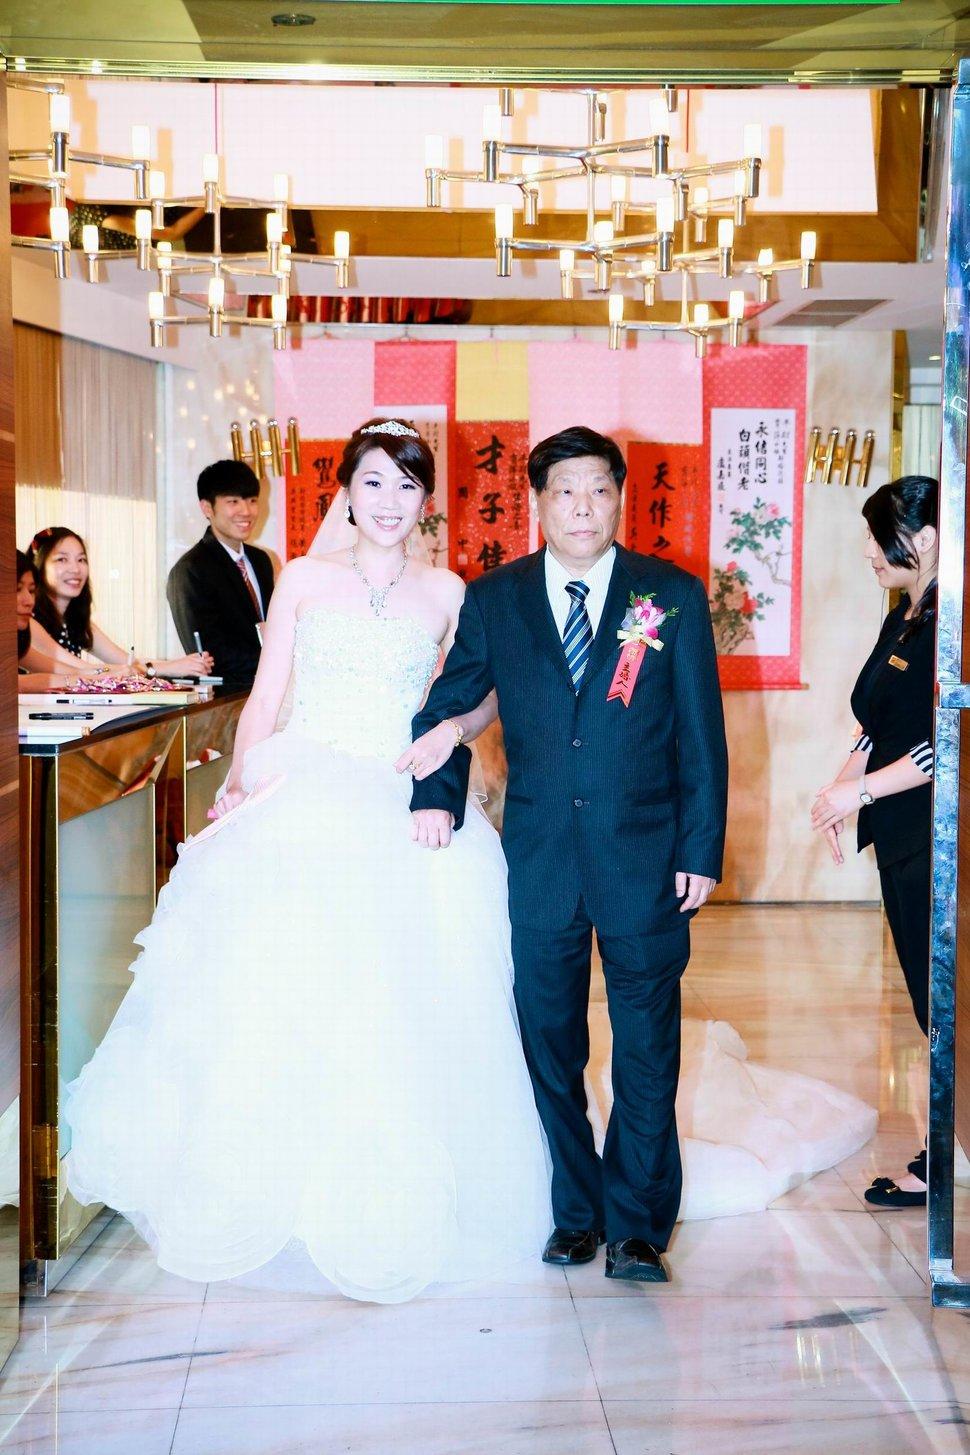 板橋吉立定結餐廳迎娶文定婚禮記錄結婚迎娶婚禮攝影動態微電影錄影專業錄影平面攝影影婚禮主持人(編號:197027) - 蜜月拍照10800錄影12800攝影團隊 - 結婚吧